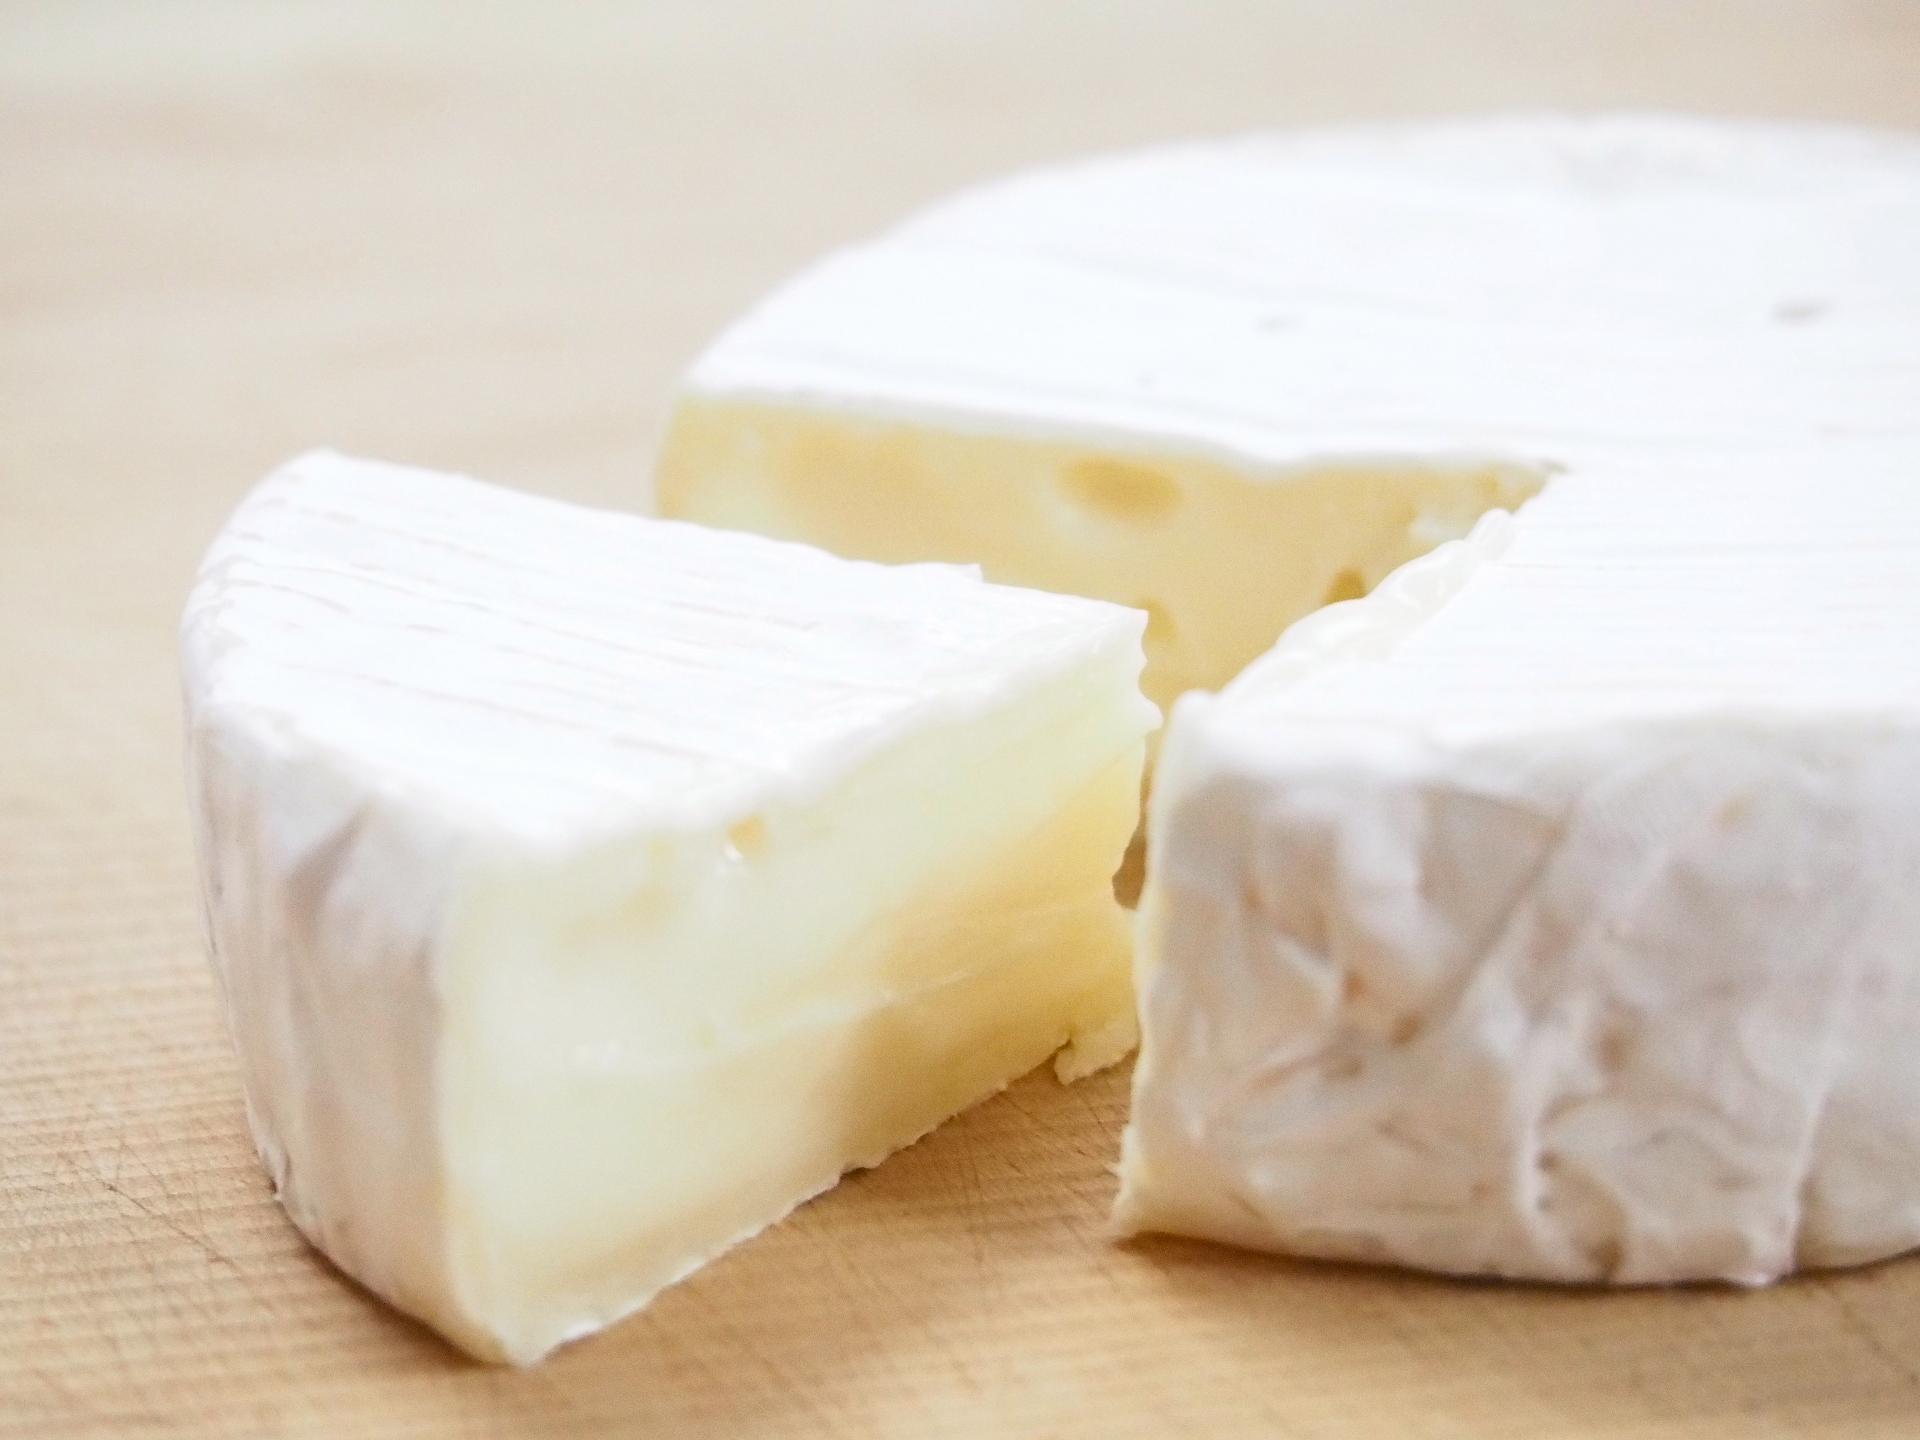 なぜ育毛や薄毛対策にチーズが有効だと言われているか?